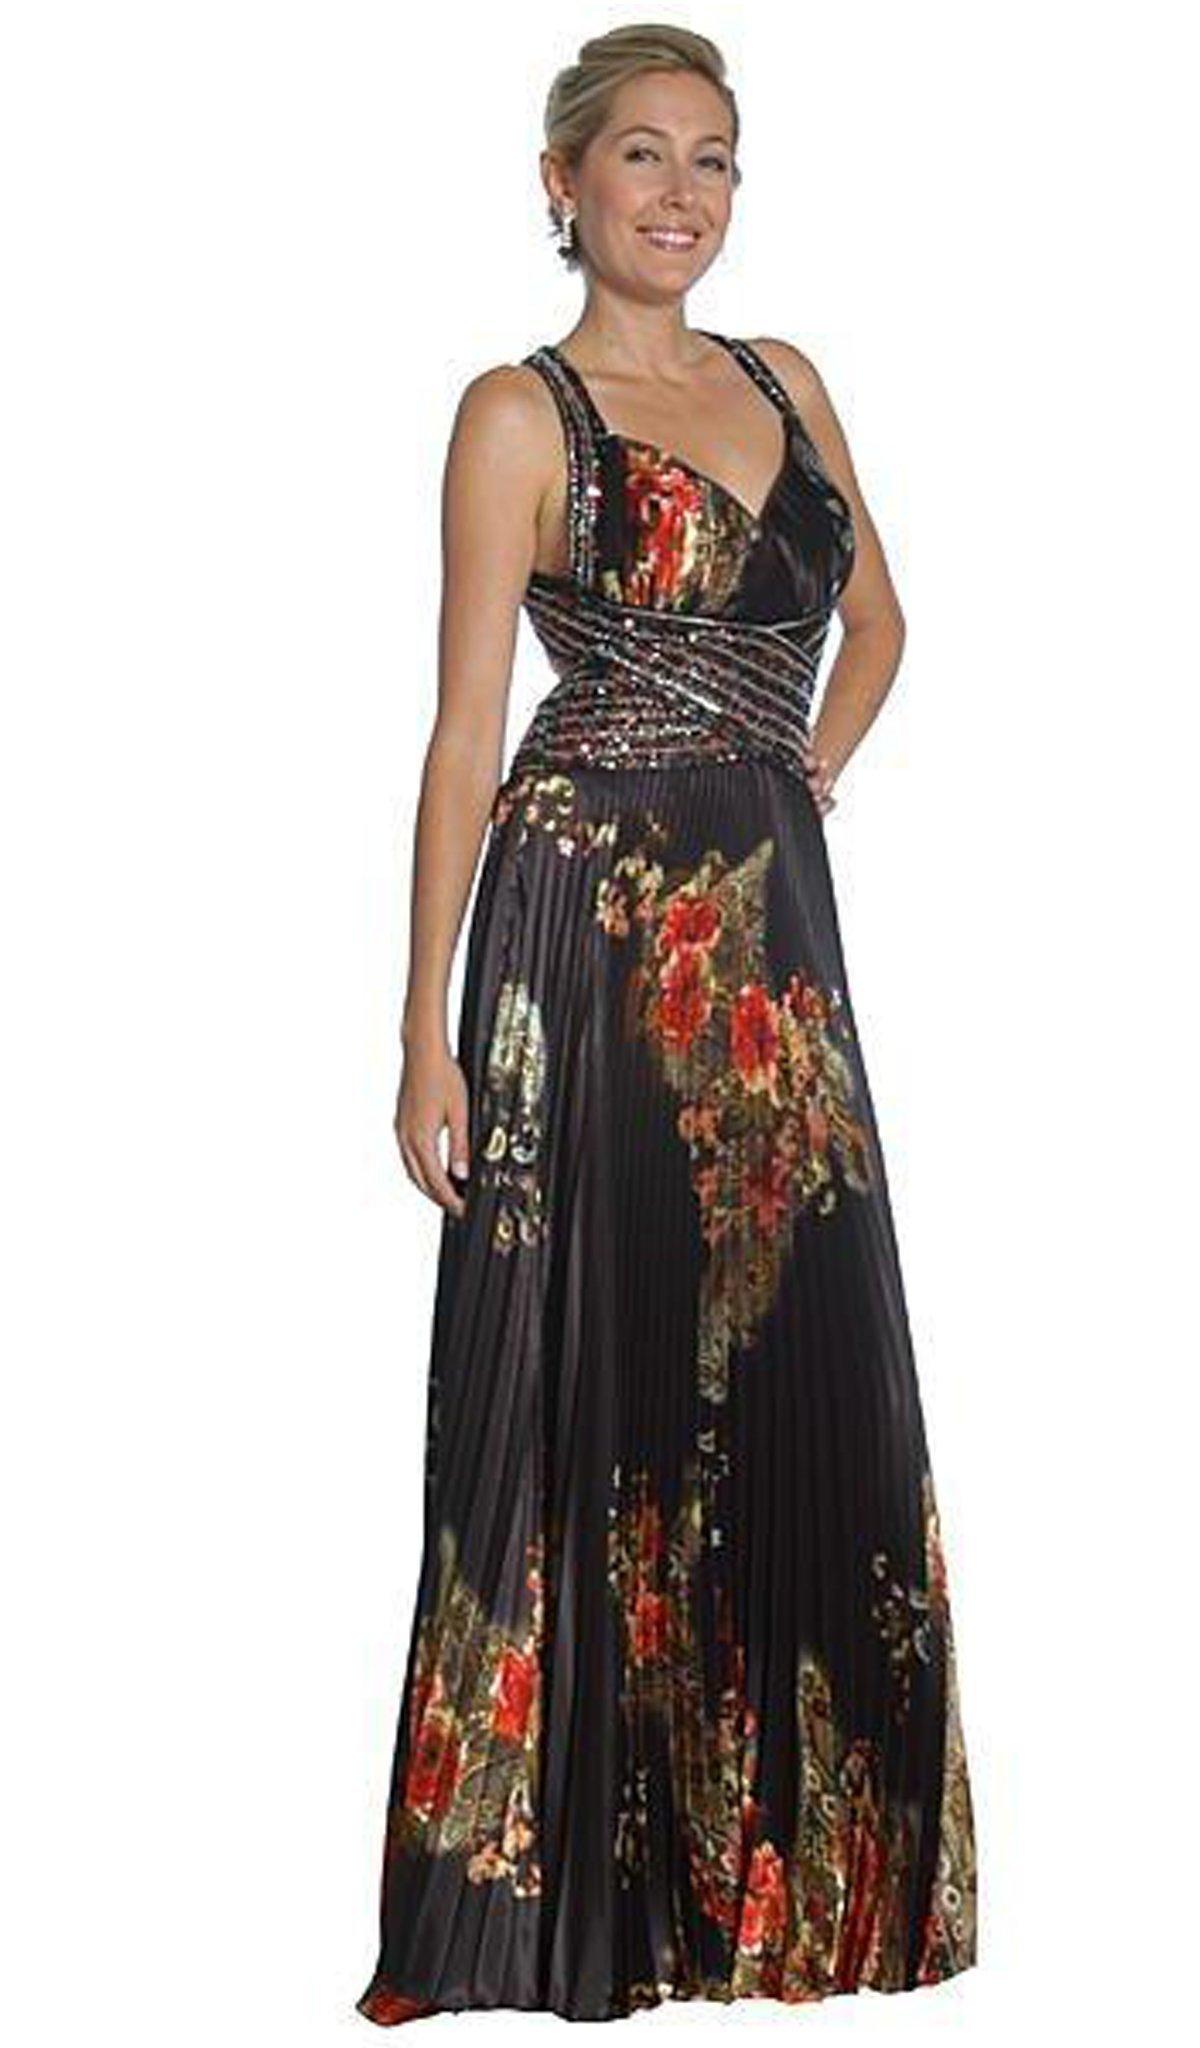 Eureka Fashion - 2117 V-neck Print Charmeuse A-line Dress